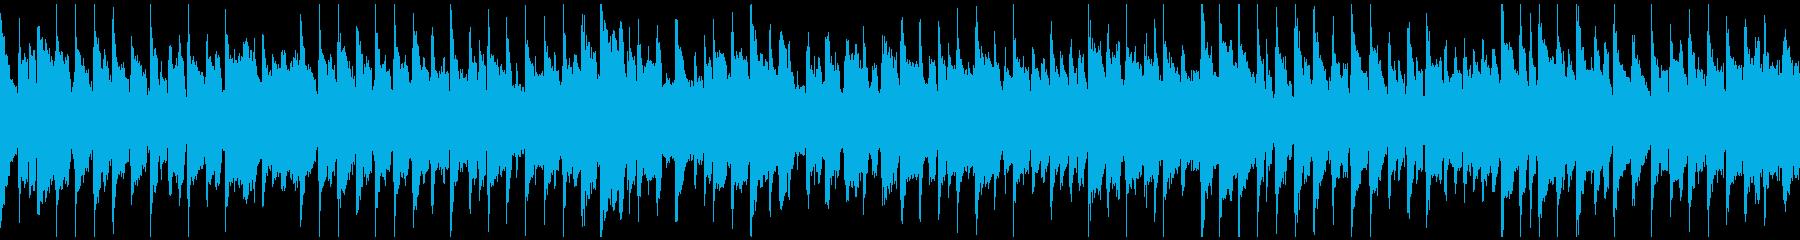 夕焼けリコーダー・ポップス ※ループ版の再生済みの波形